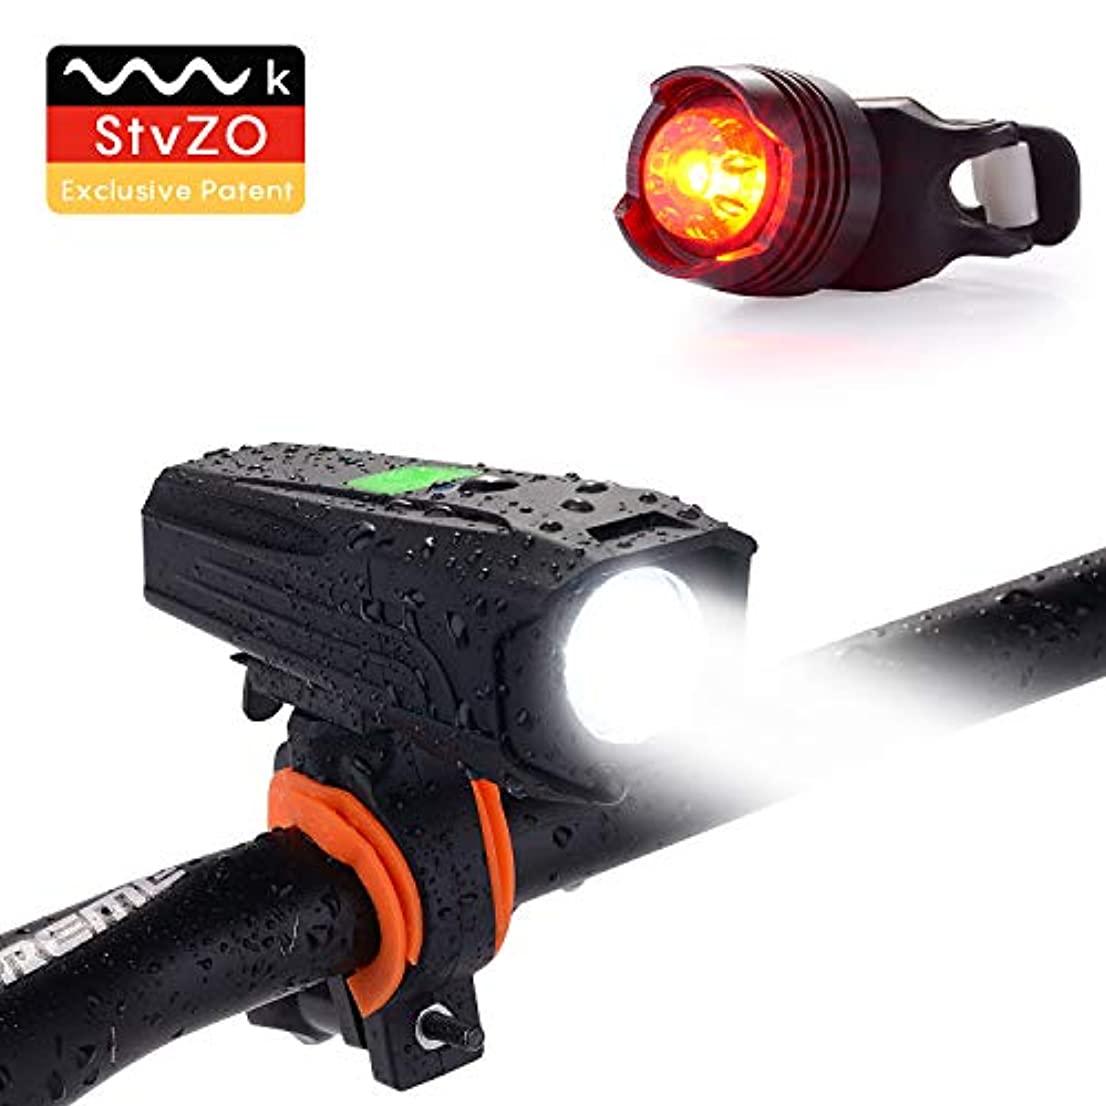 黙認するピルファーシーサイドUlikey USB充電式自転車ライトセット、自転車ライトセット、LEDヘッドライトテールライトコンビネーション防水、スーパーブライト、LEDヘッドライト、テールライトイージーインストール